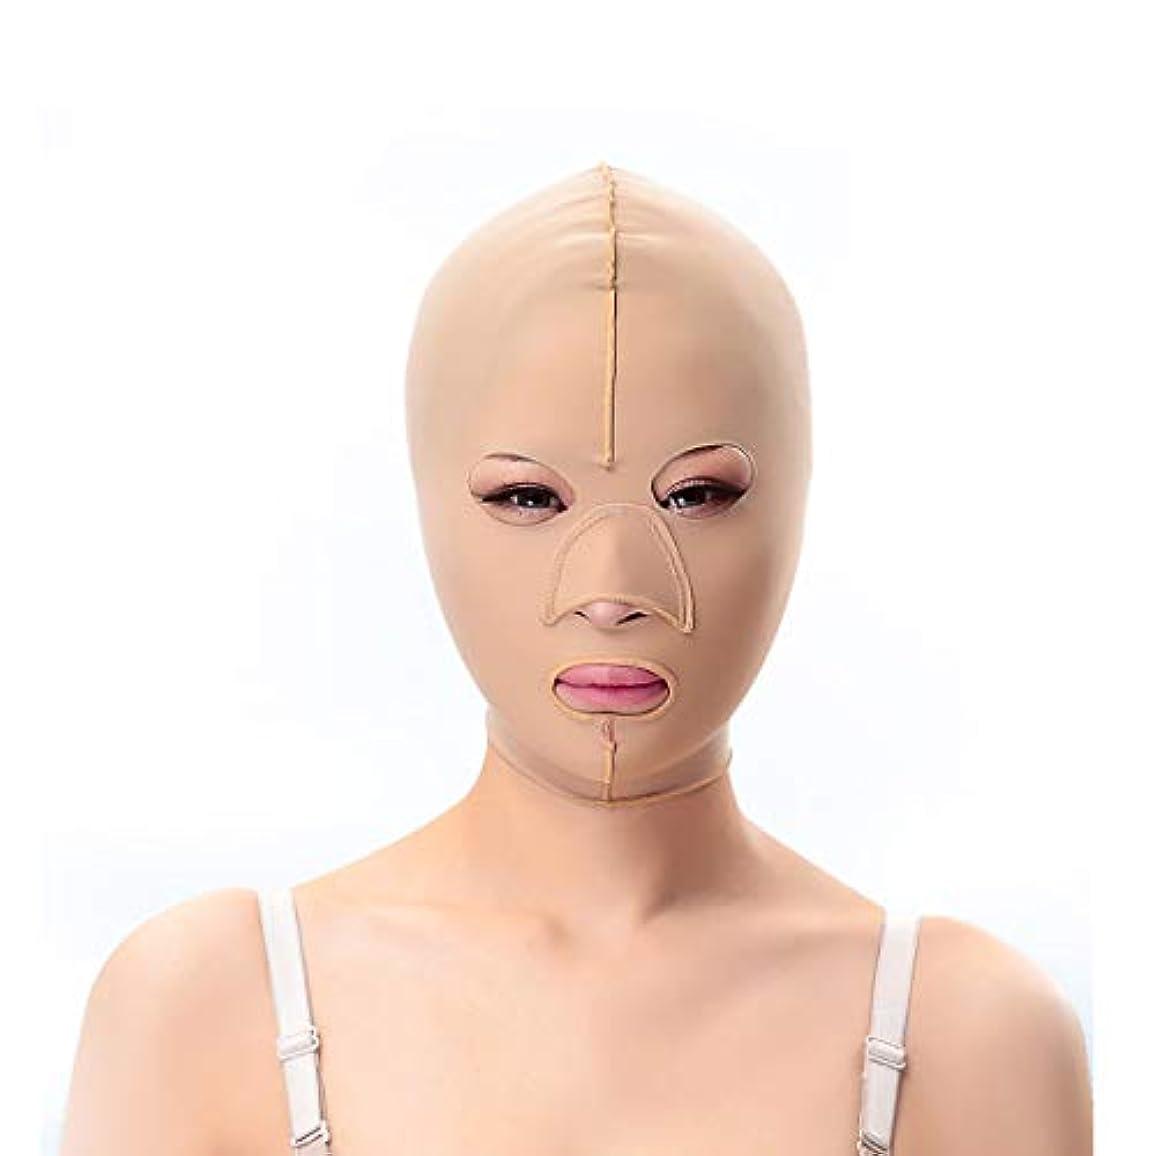 リーフレット前文ラベンダー痩身ベルト、フェイシャルマスク薄いフェイスマスクを脇に持ち上げる二重あご引き締め顔面プラスチックフェイスアーティファクト強力なフェイス包帯 (Size : S)